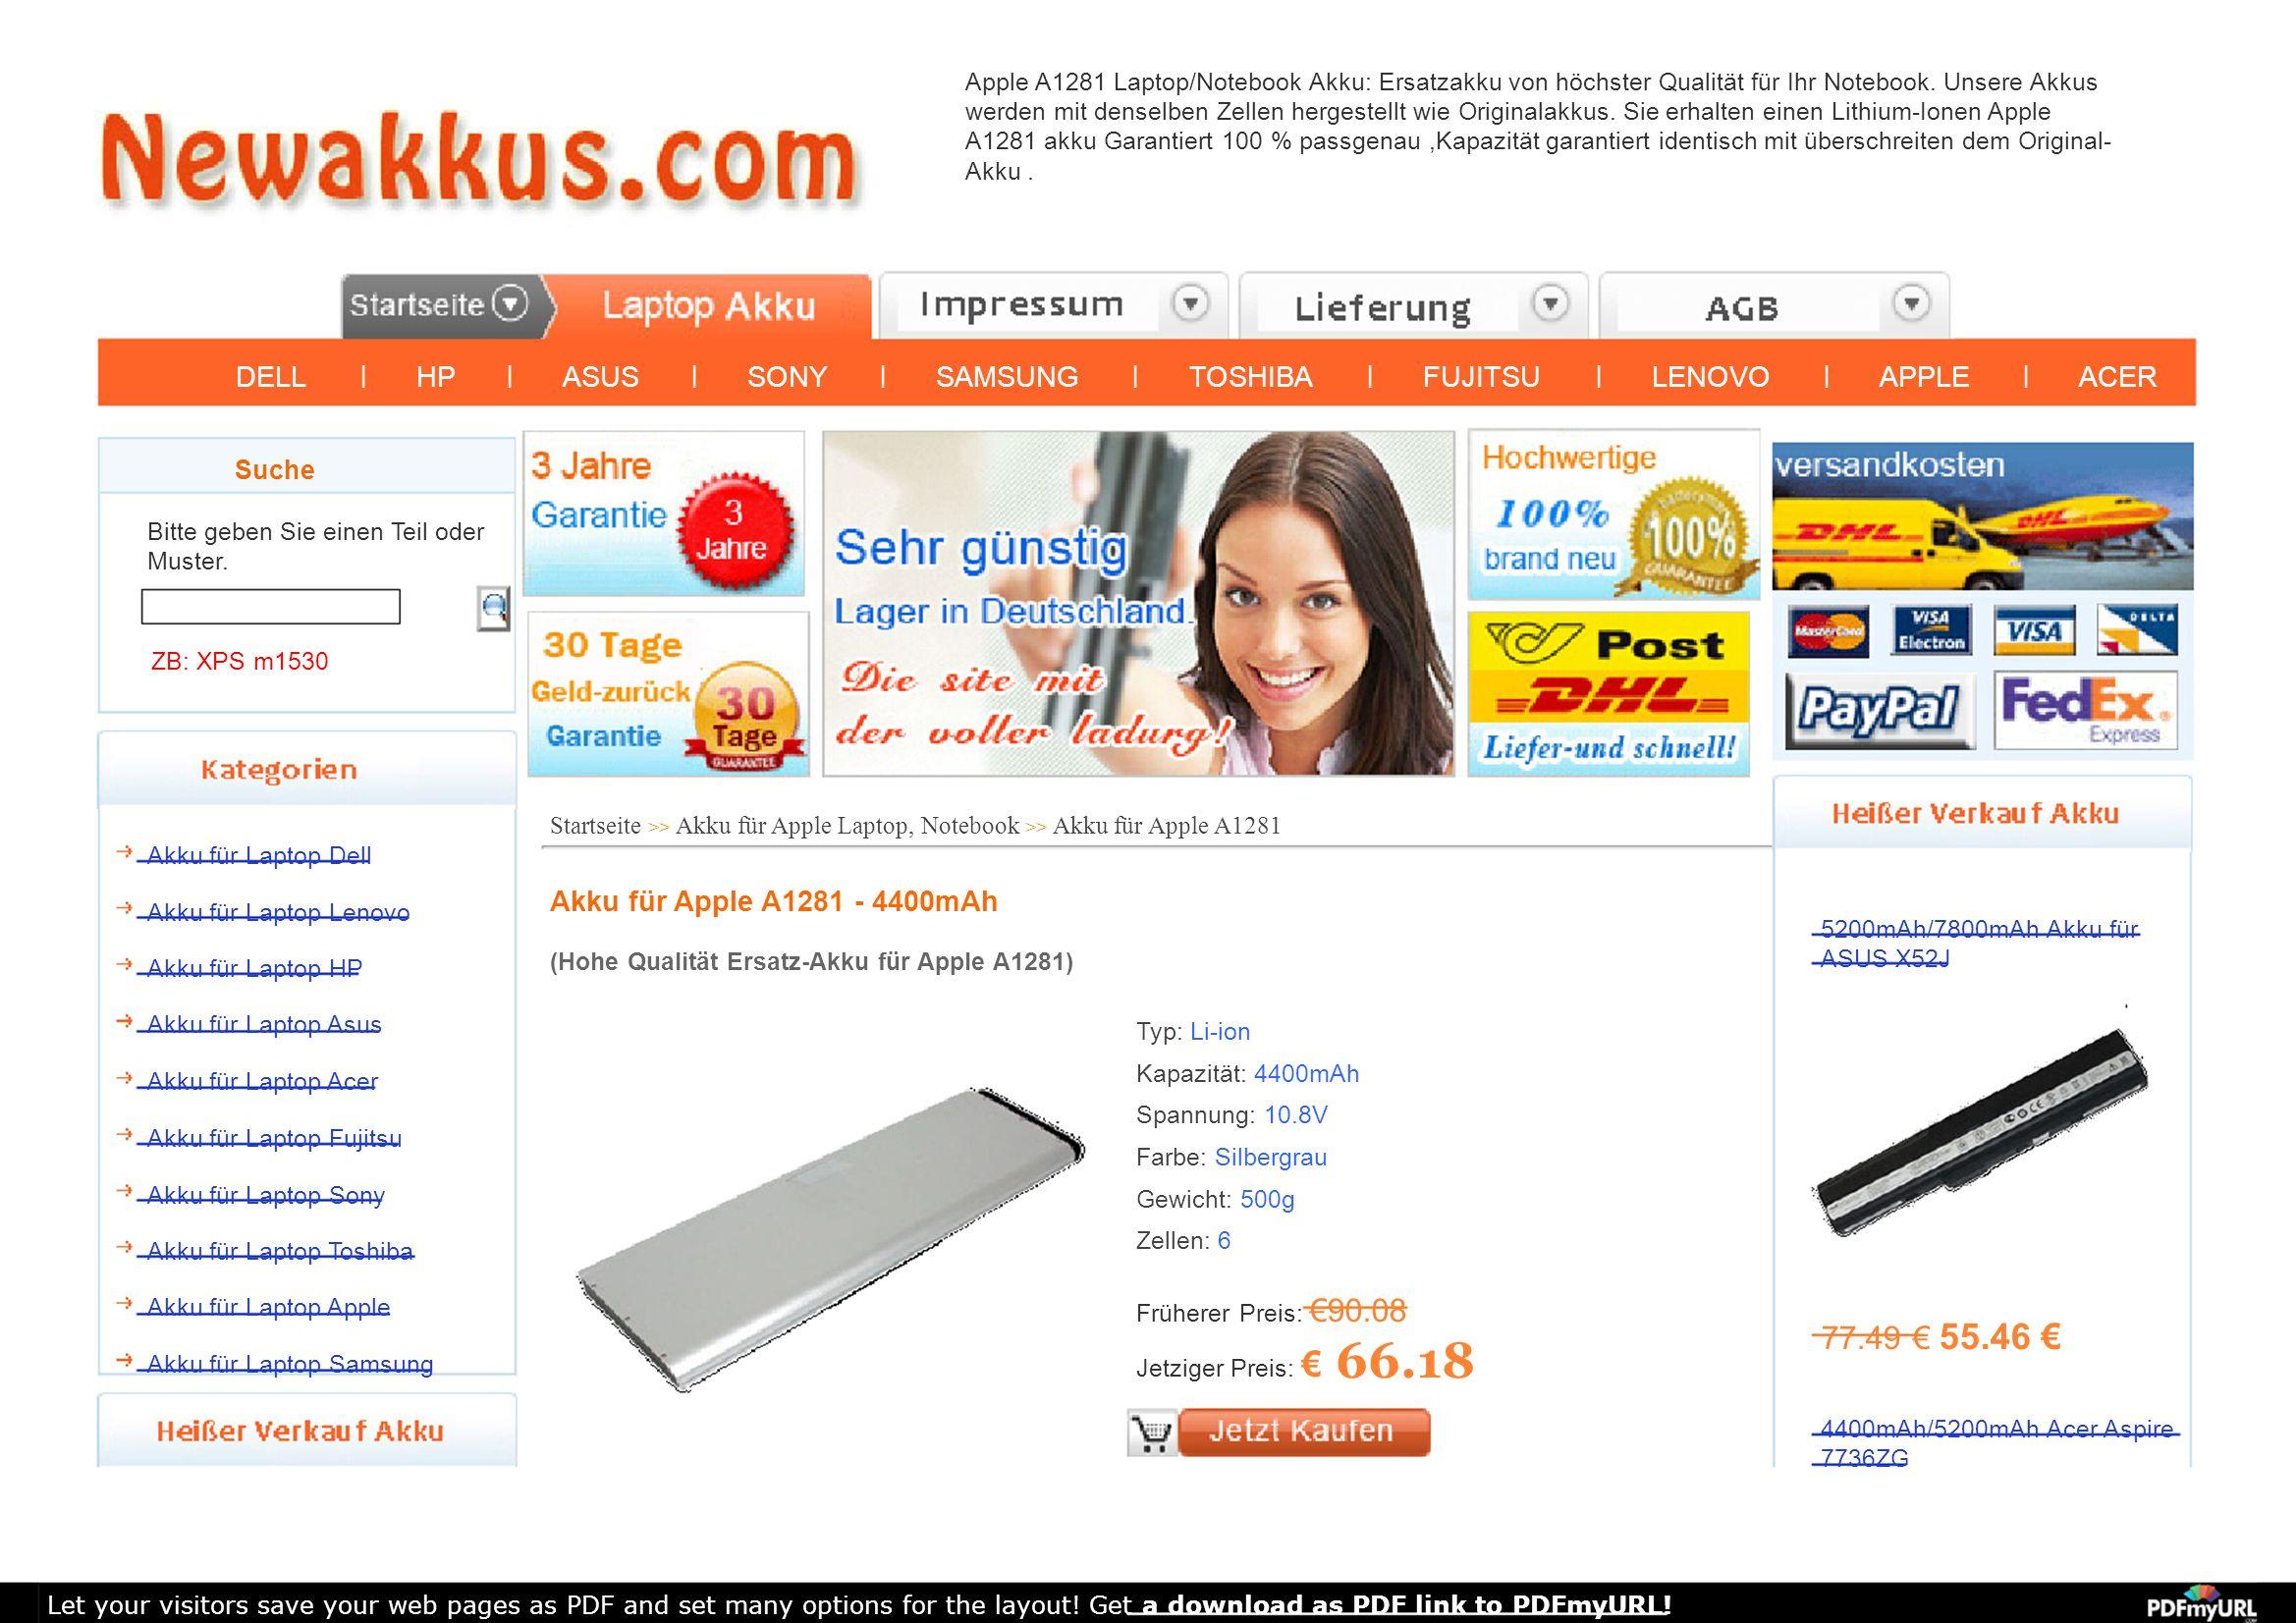 Apple A1281 Laptop/Notebook Akku: Ersatzakku von höchster Qualität für Ihr Notebook. Unsere Akkus werden mit denselben Zellen hergestellt wie Original